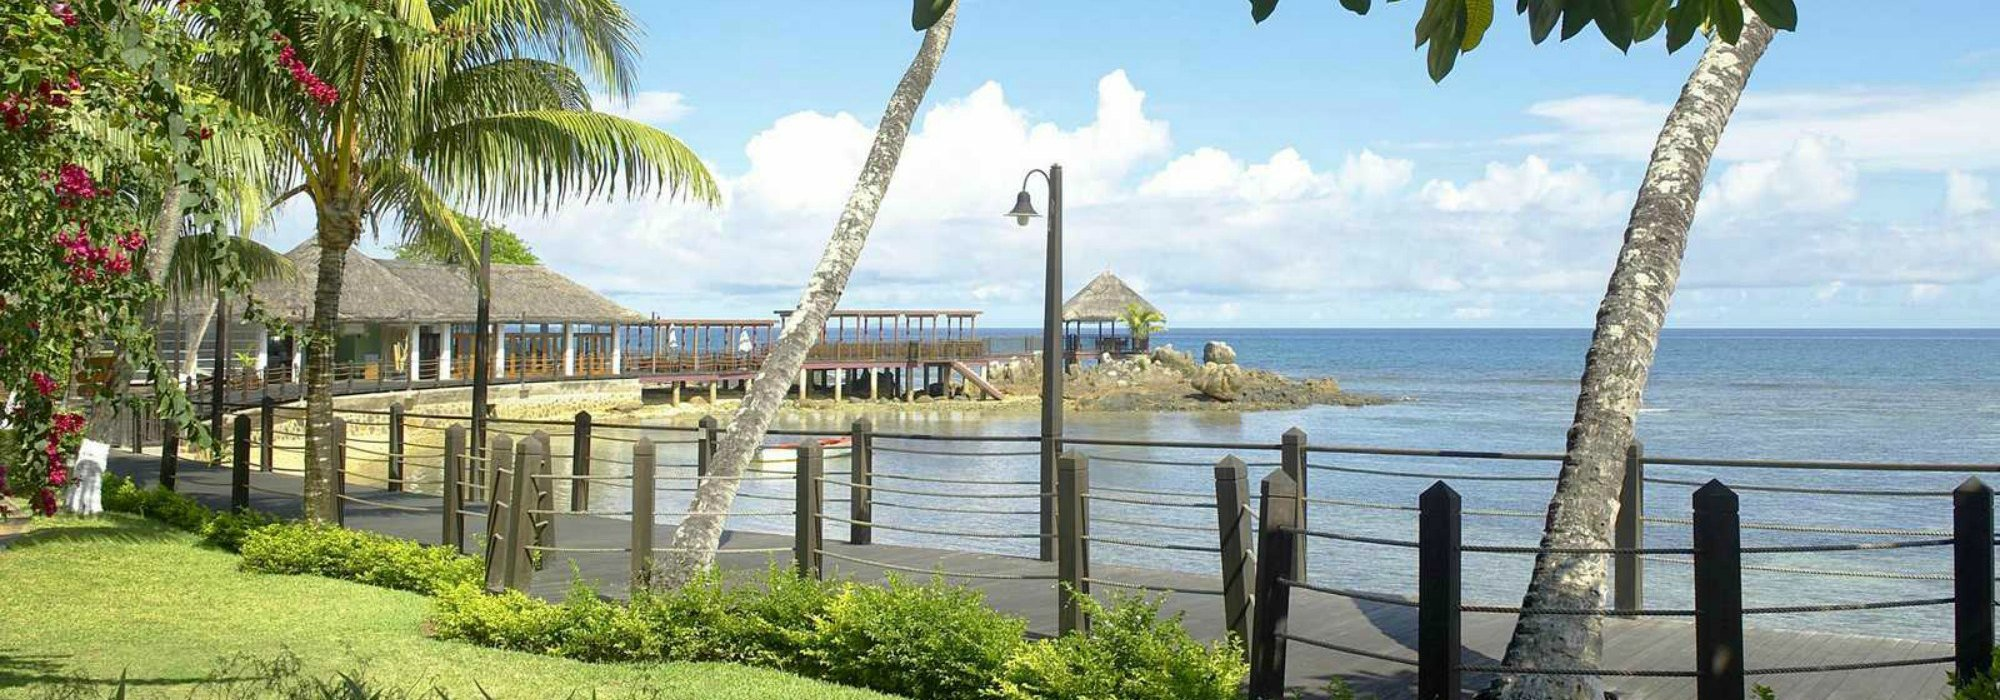 Le Meridien Seychelles